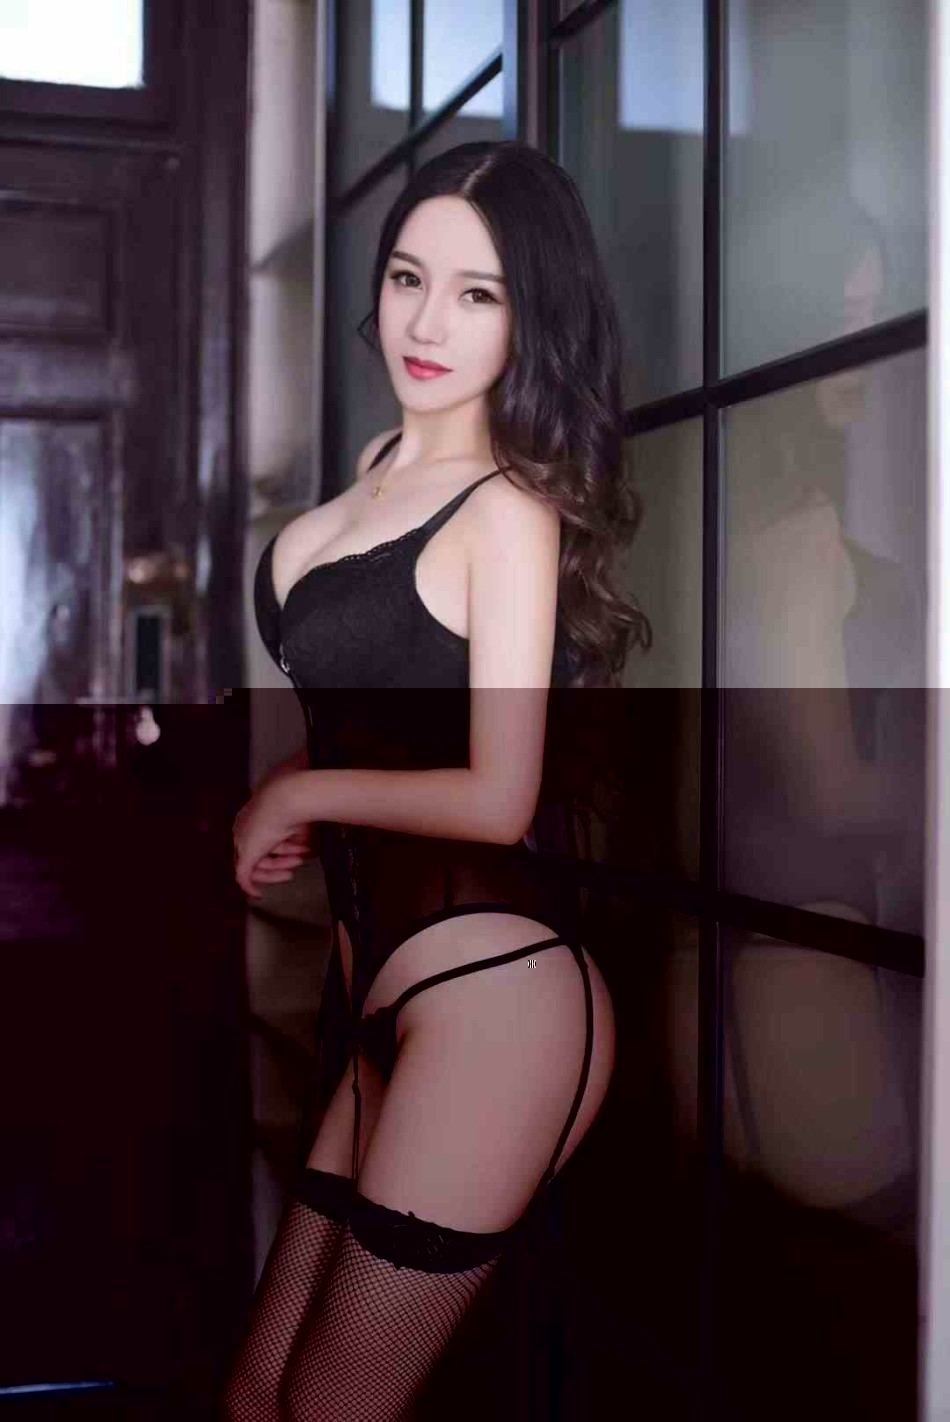 上海保健按摩SPA会所爽记 imgid: 27286